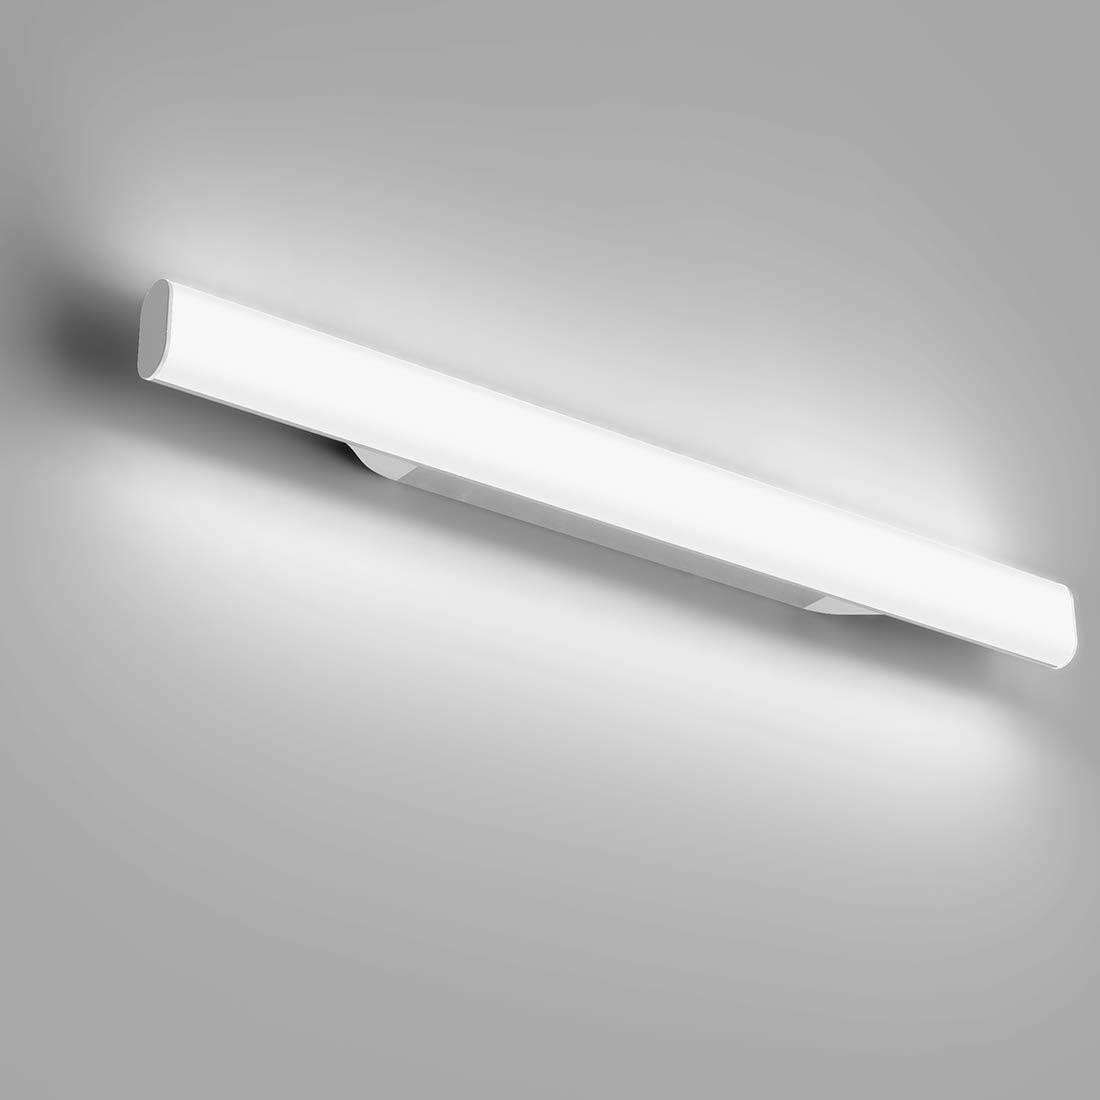 12W 1200LM Lámpara LED de Pared, Lámpara de espejo Aplique de Baño LED 440mm 6000K Luz natural para Espejo Muebles de Maquillaje Aparato Montado en la Pared